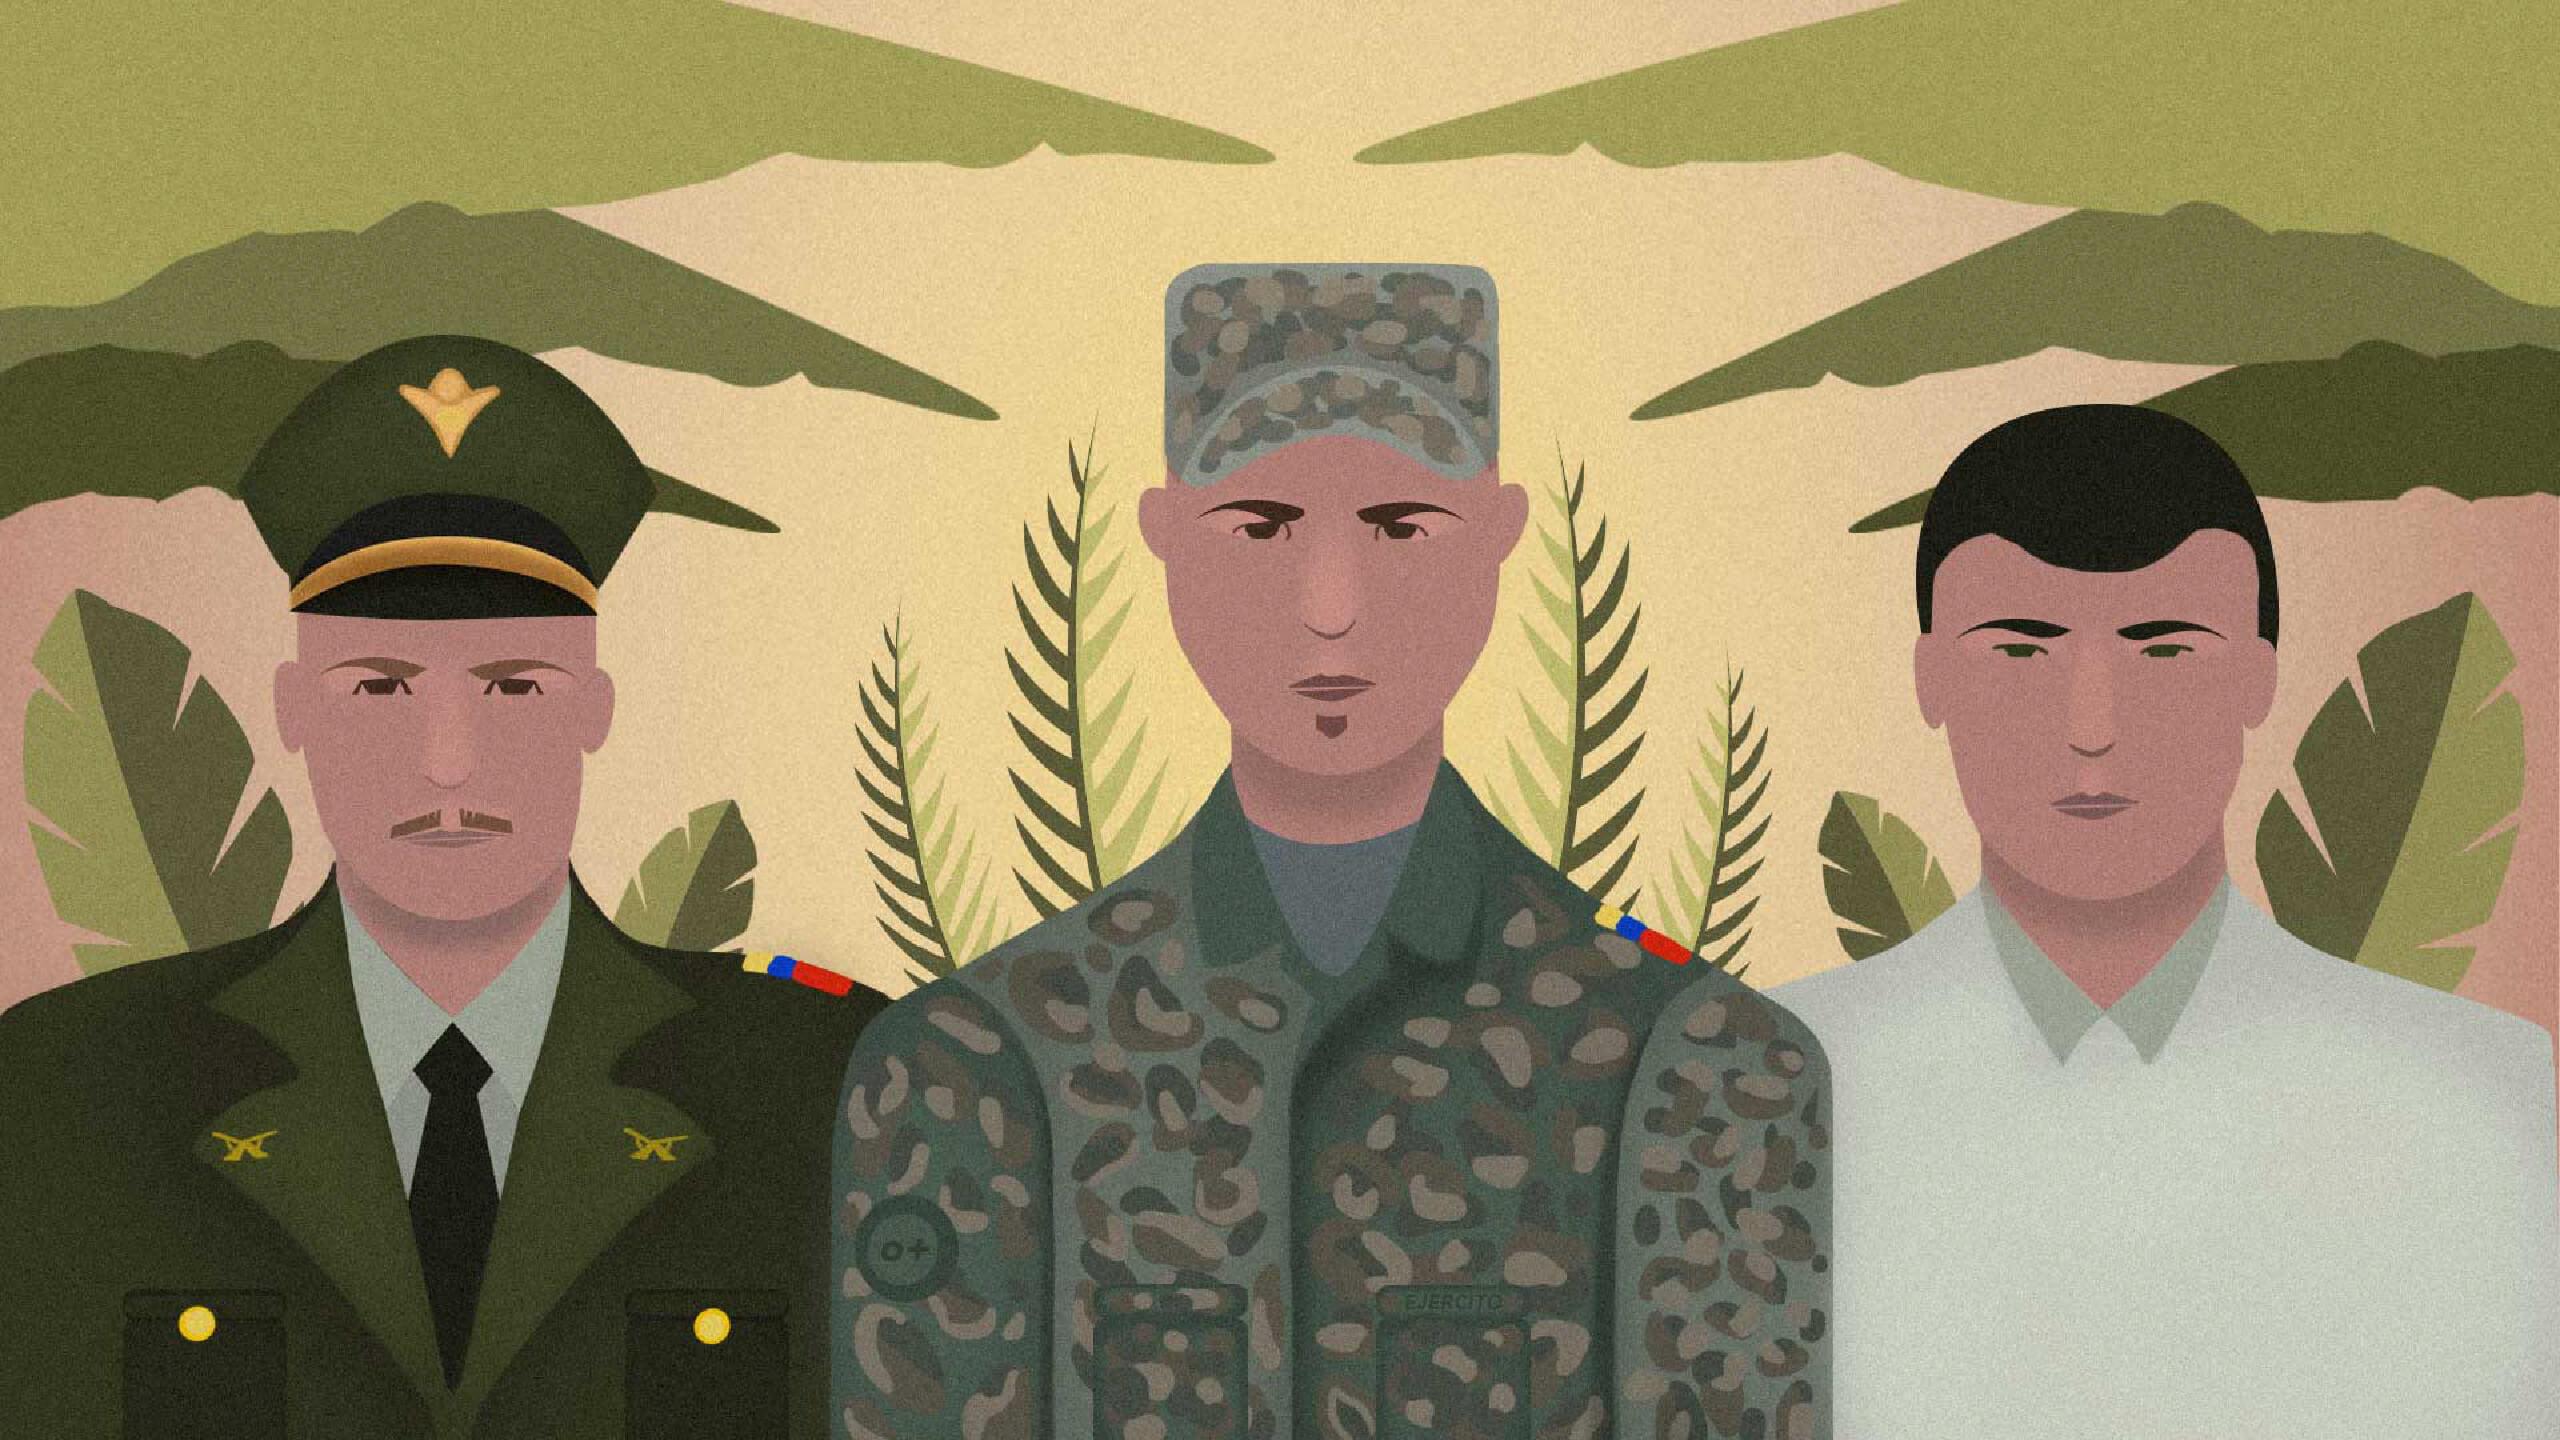 Las huellas y los impactos que dejó el conflicto armado en las vidas y las familias de los militares y policías